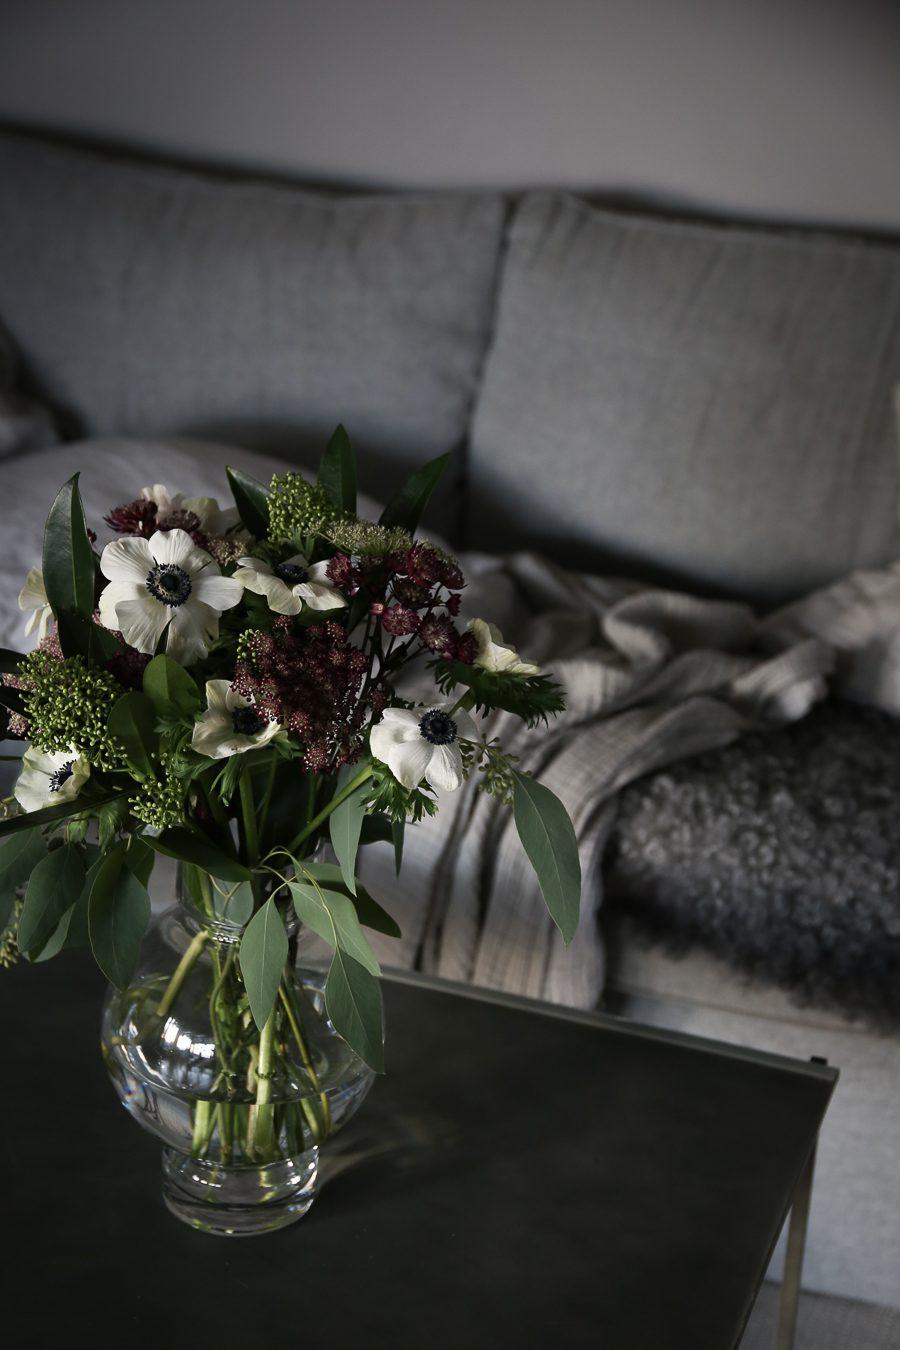 viktoria.holmgren.lovely.life.anemoner